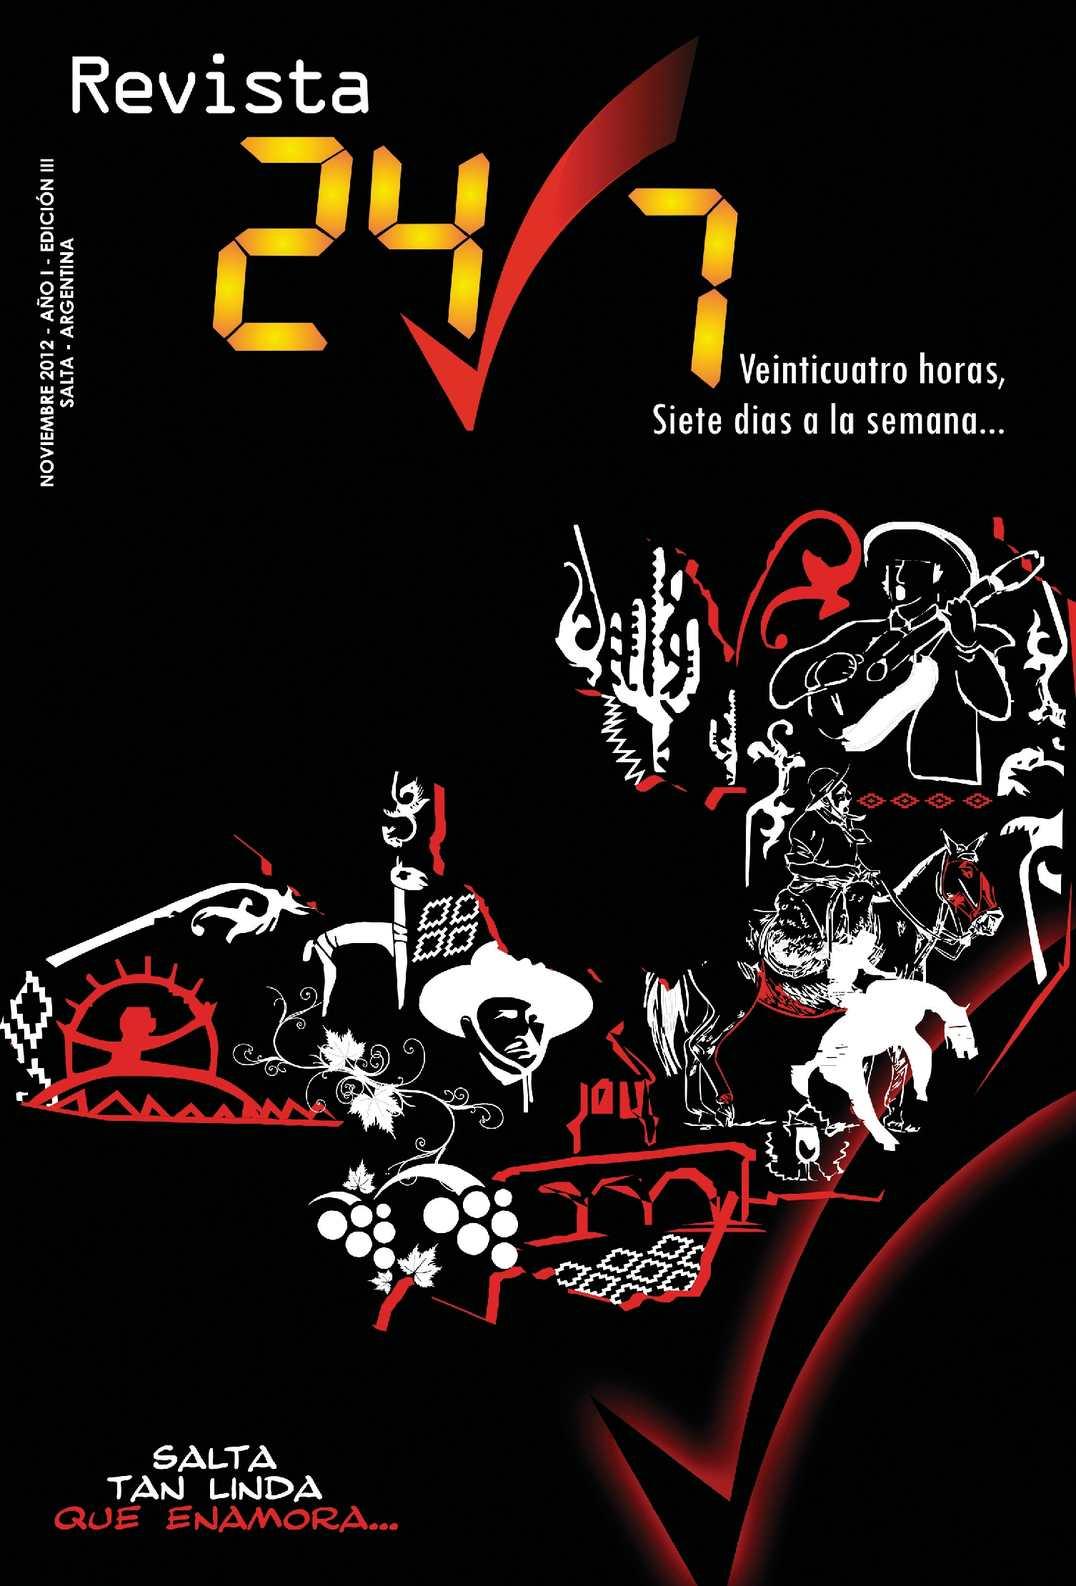 Revista 24/7 Edición Noviembre 2012